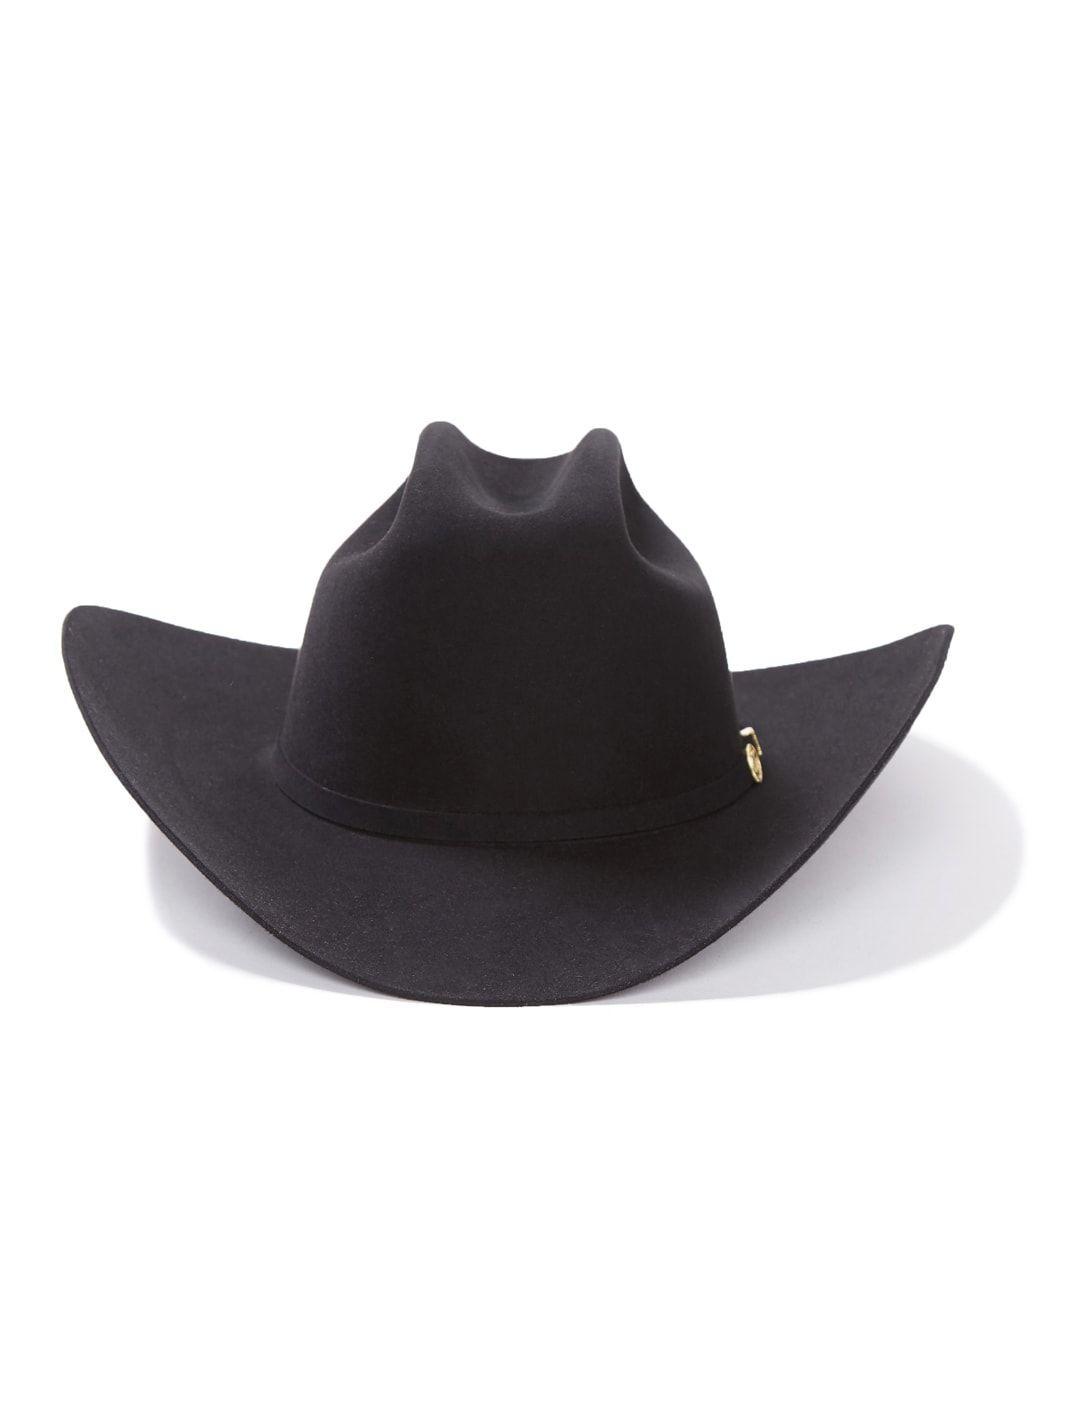 2747a5d72efead Stetson Men's El Presidente 100X Premier Cowboy Hat SFPRES-4840-4. Details